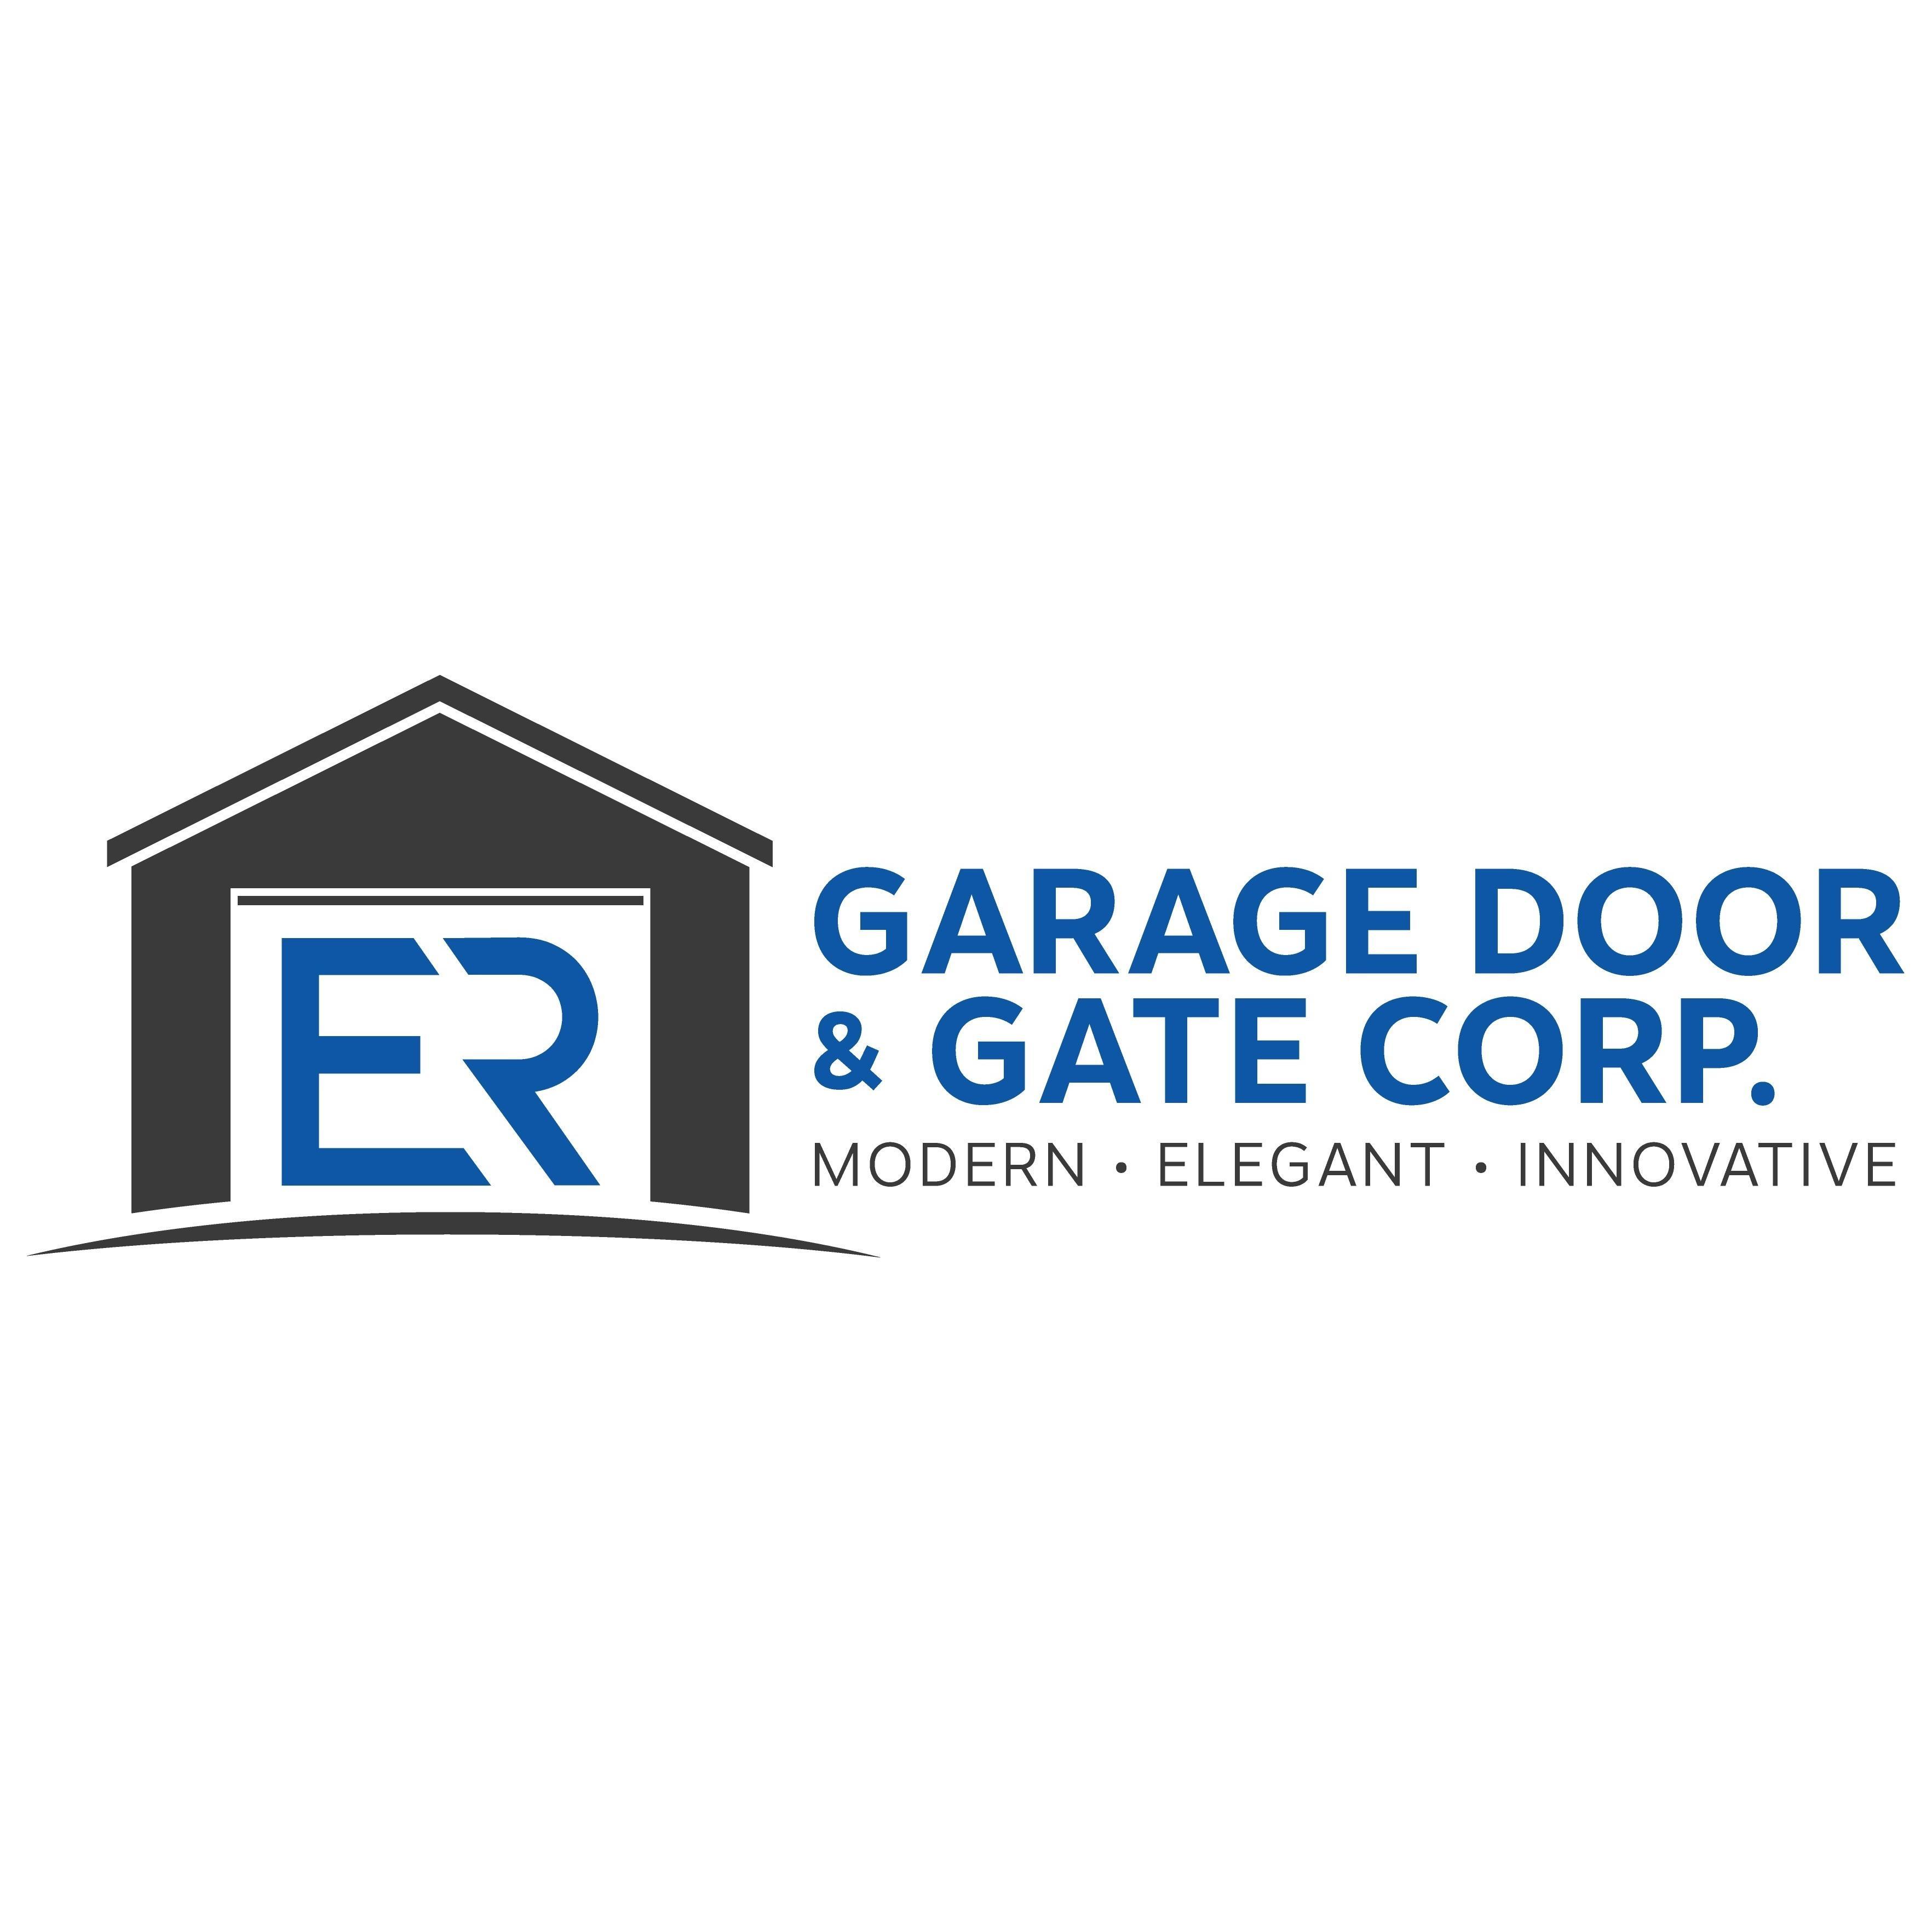 ER Garage Door and Gate